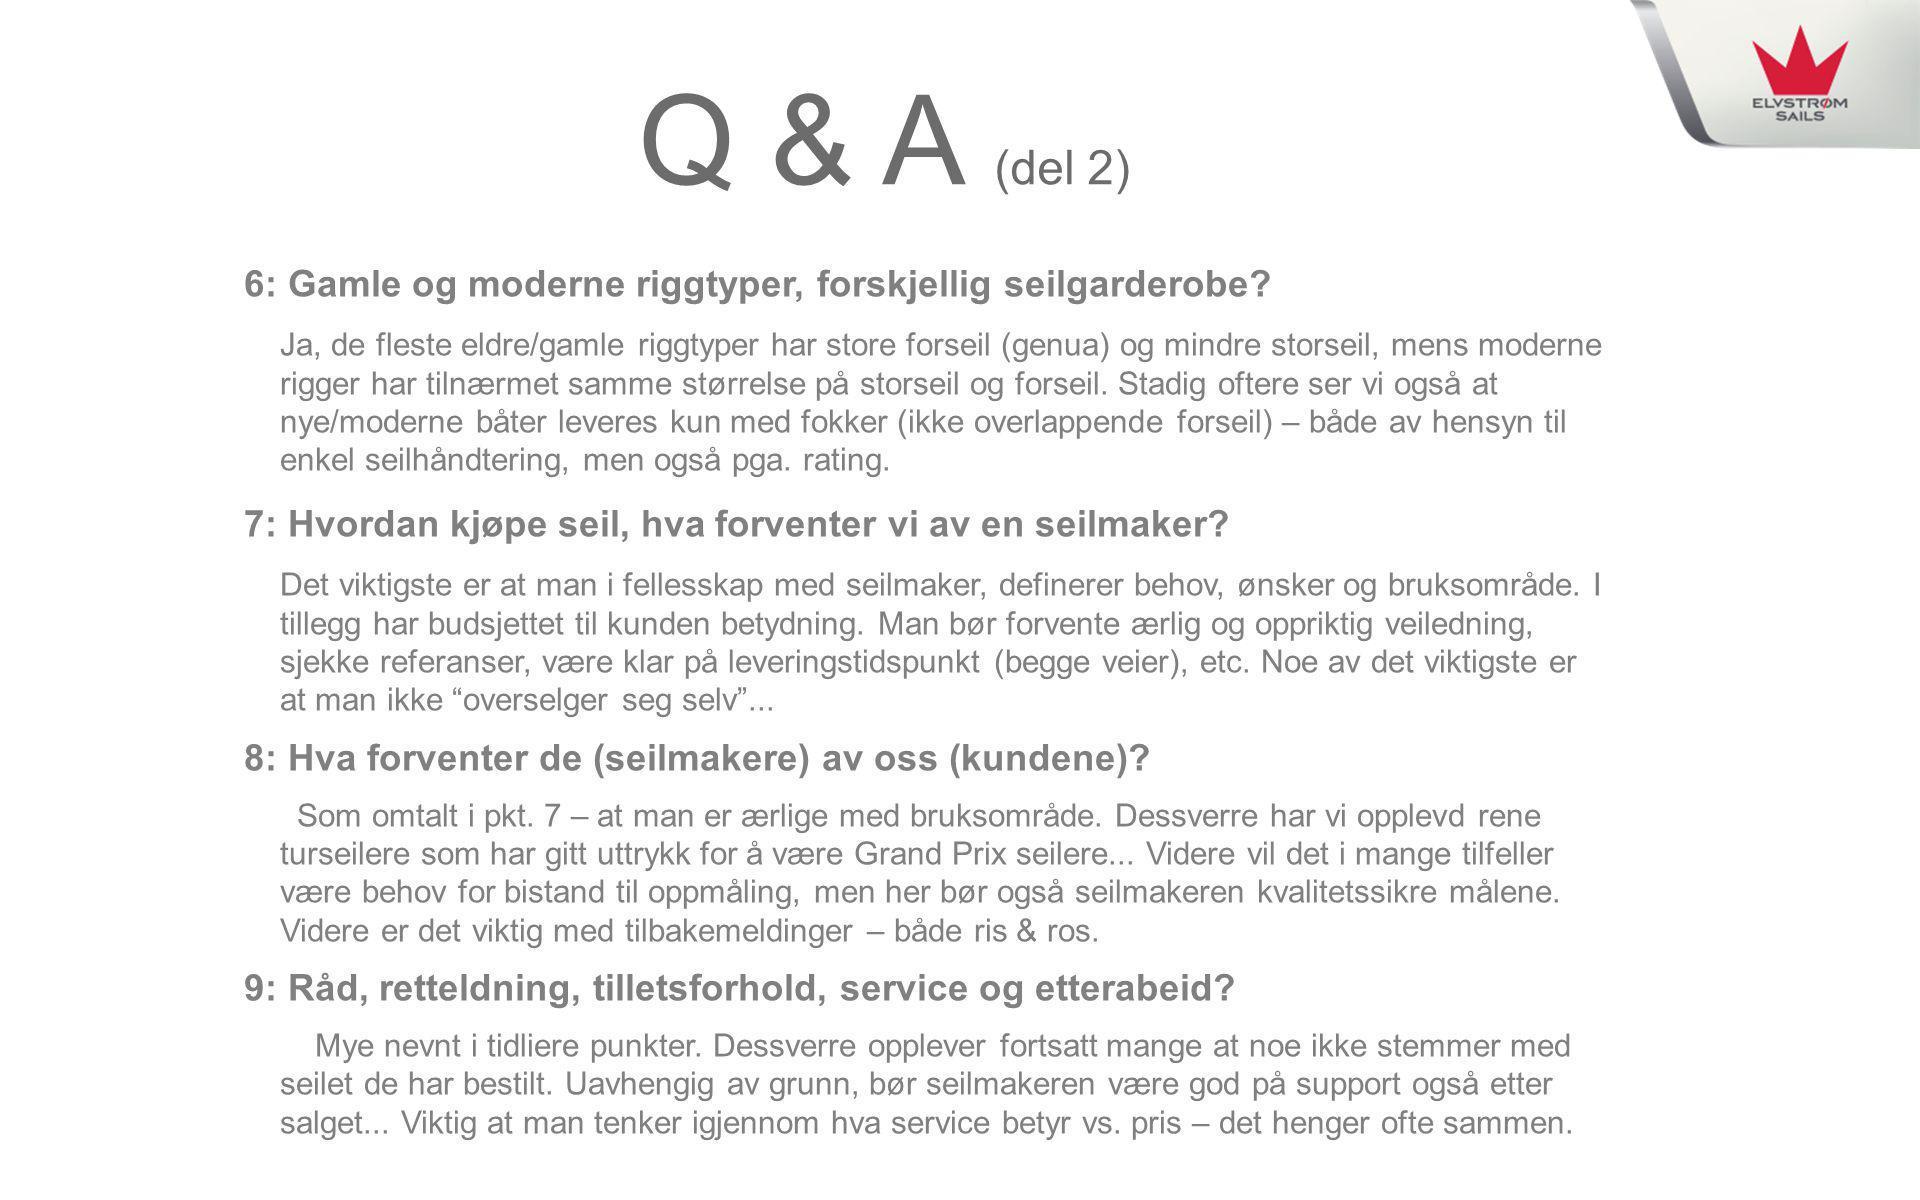 Q & A (del 2) 6: Gamle og moderne riggtyper, forskjellig seilgarderobe